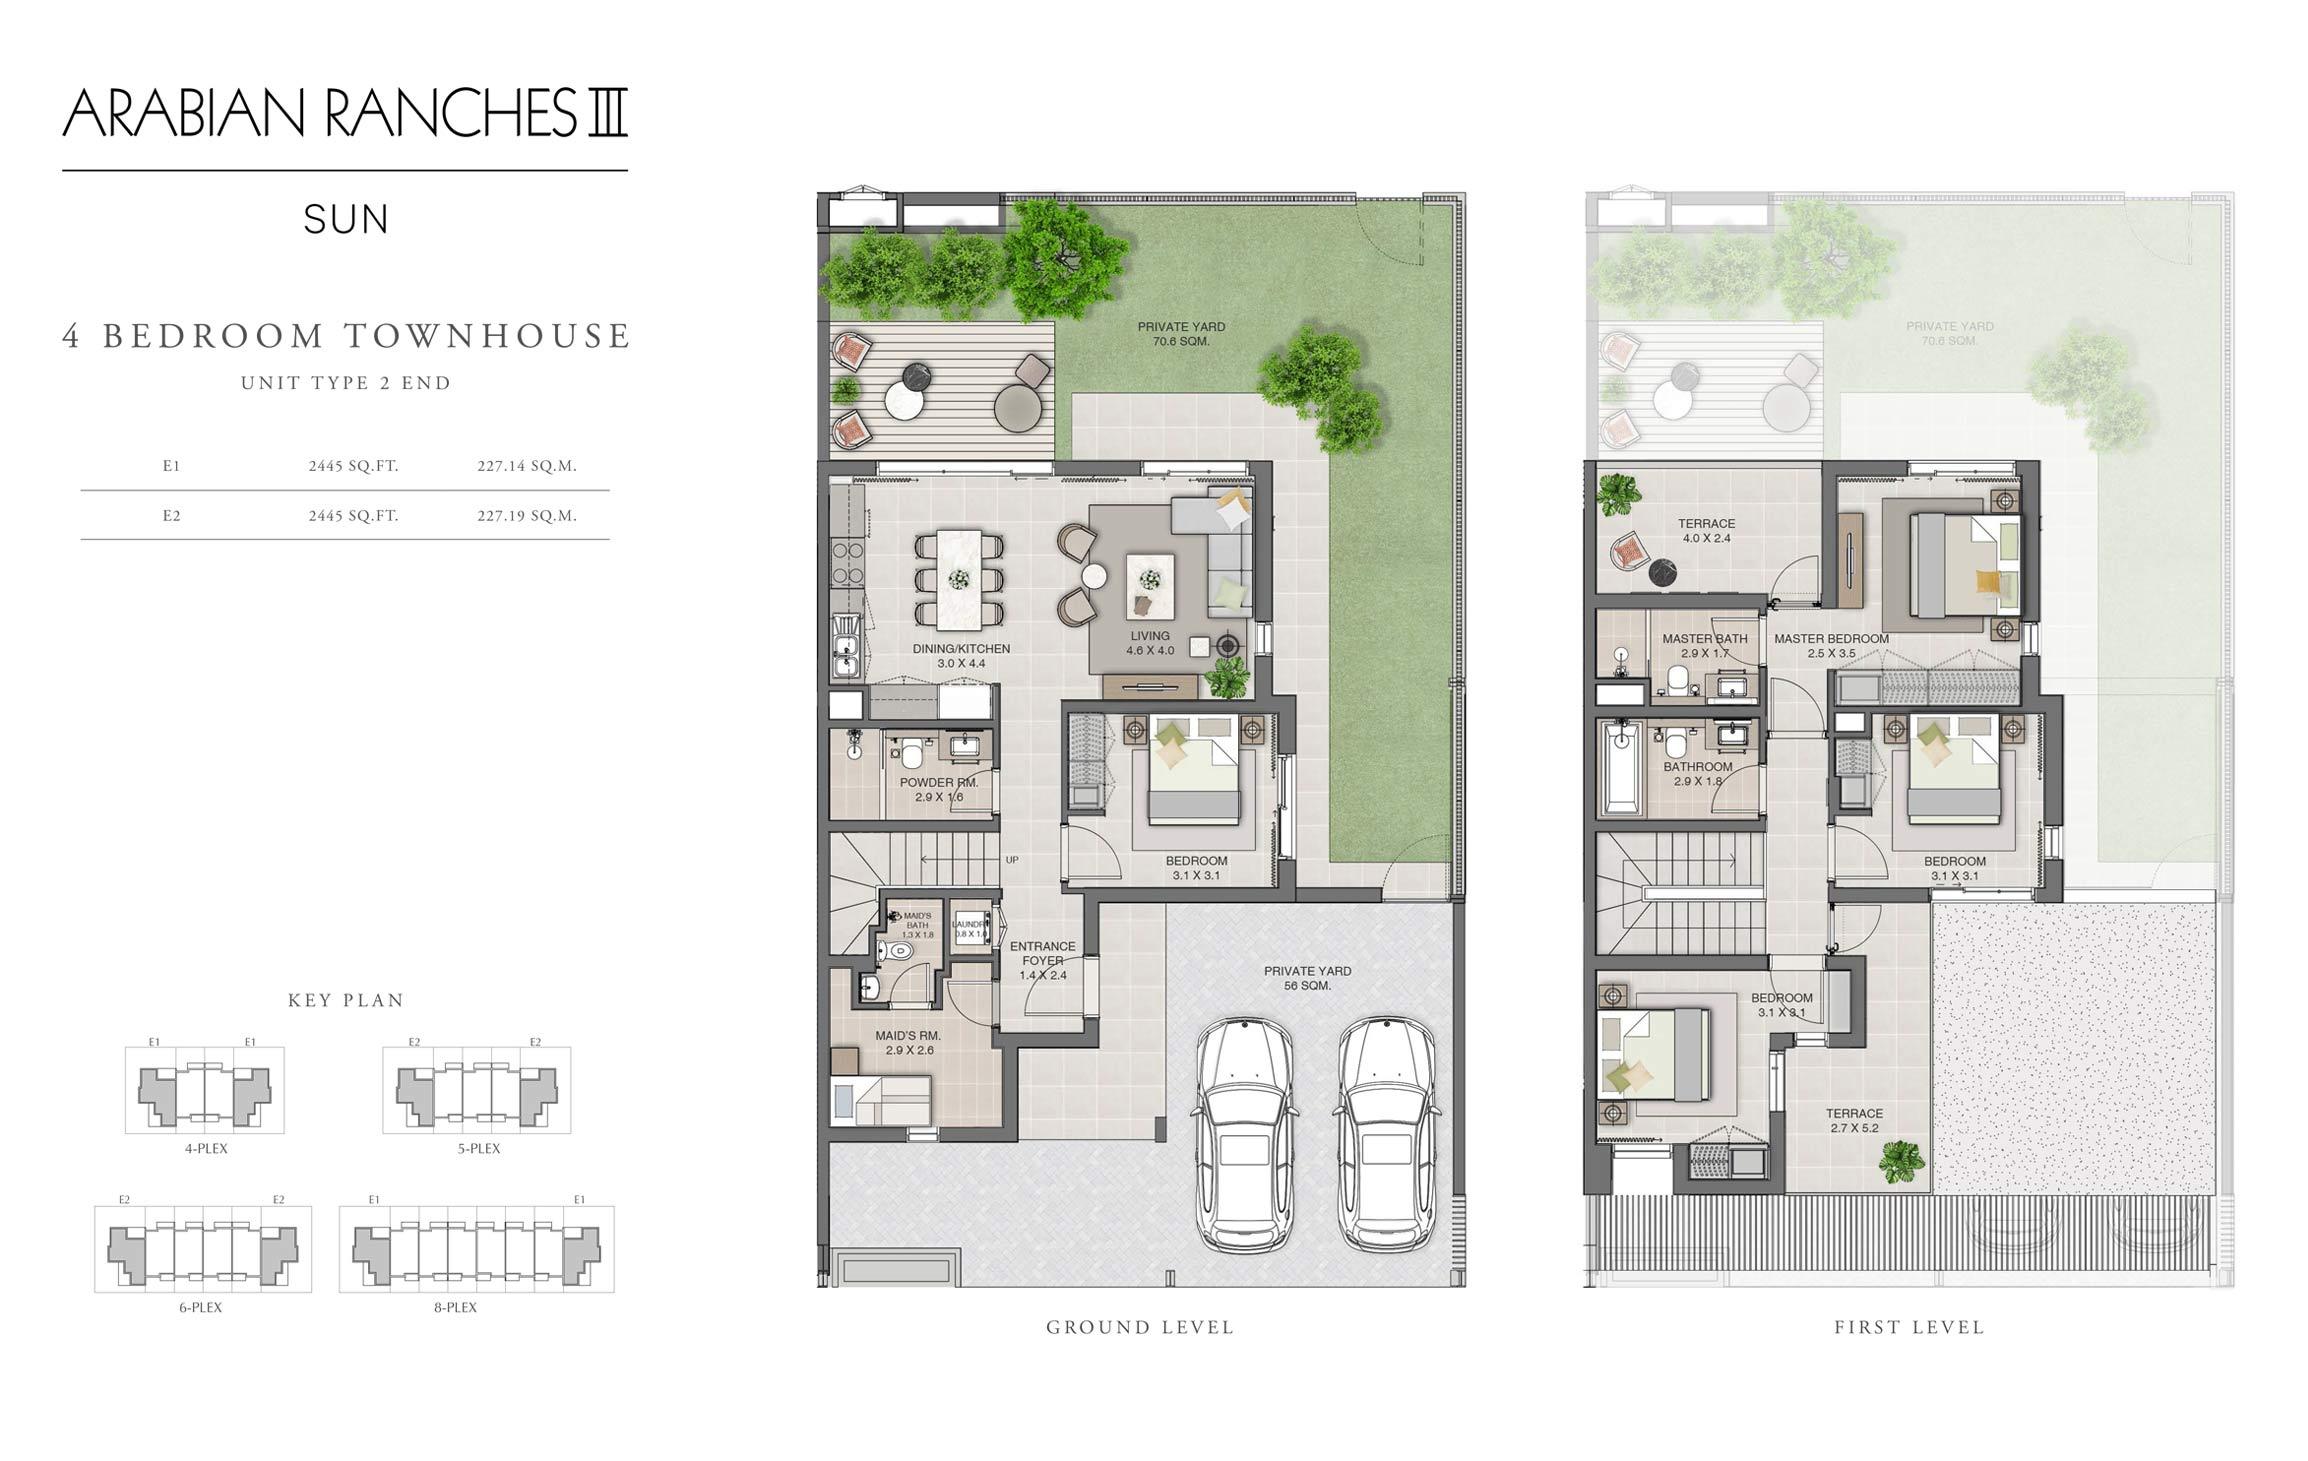 أربع غرف نوم، فيئة 2 مع حجم 2445  قدم مربع